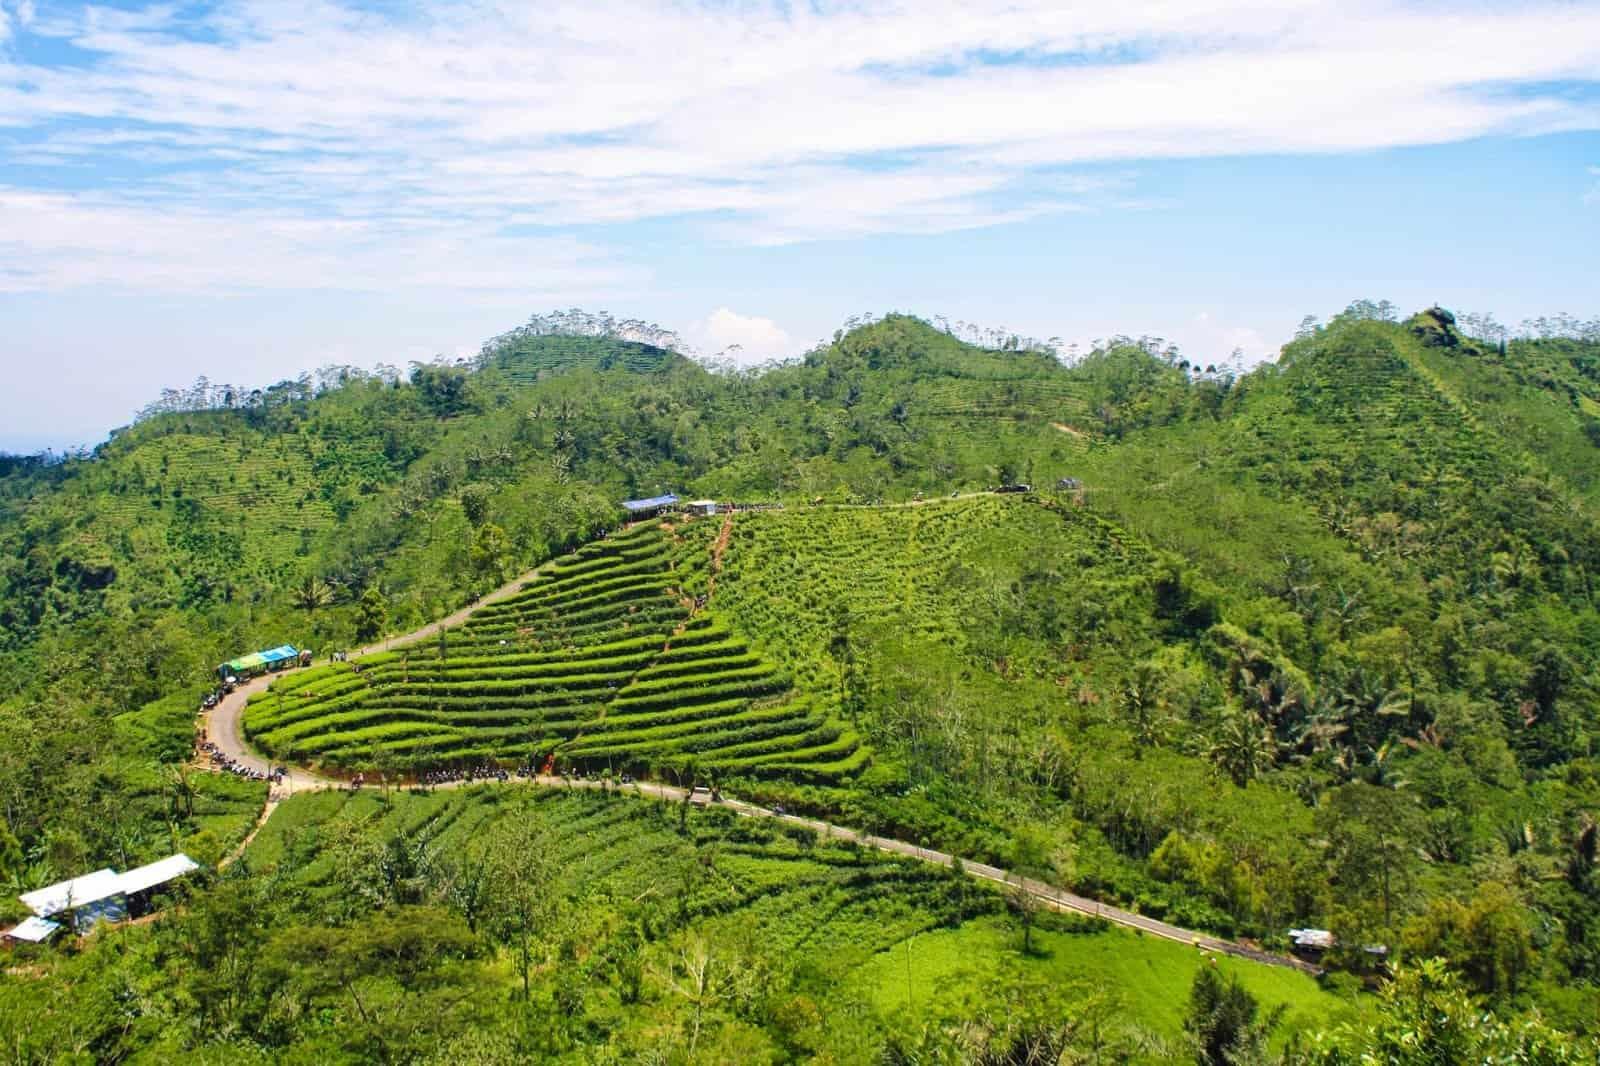 Desa Wisata Nglinggo